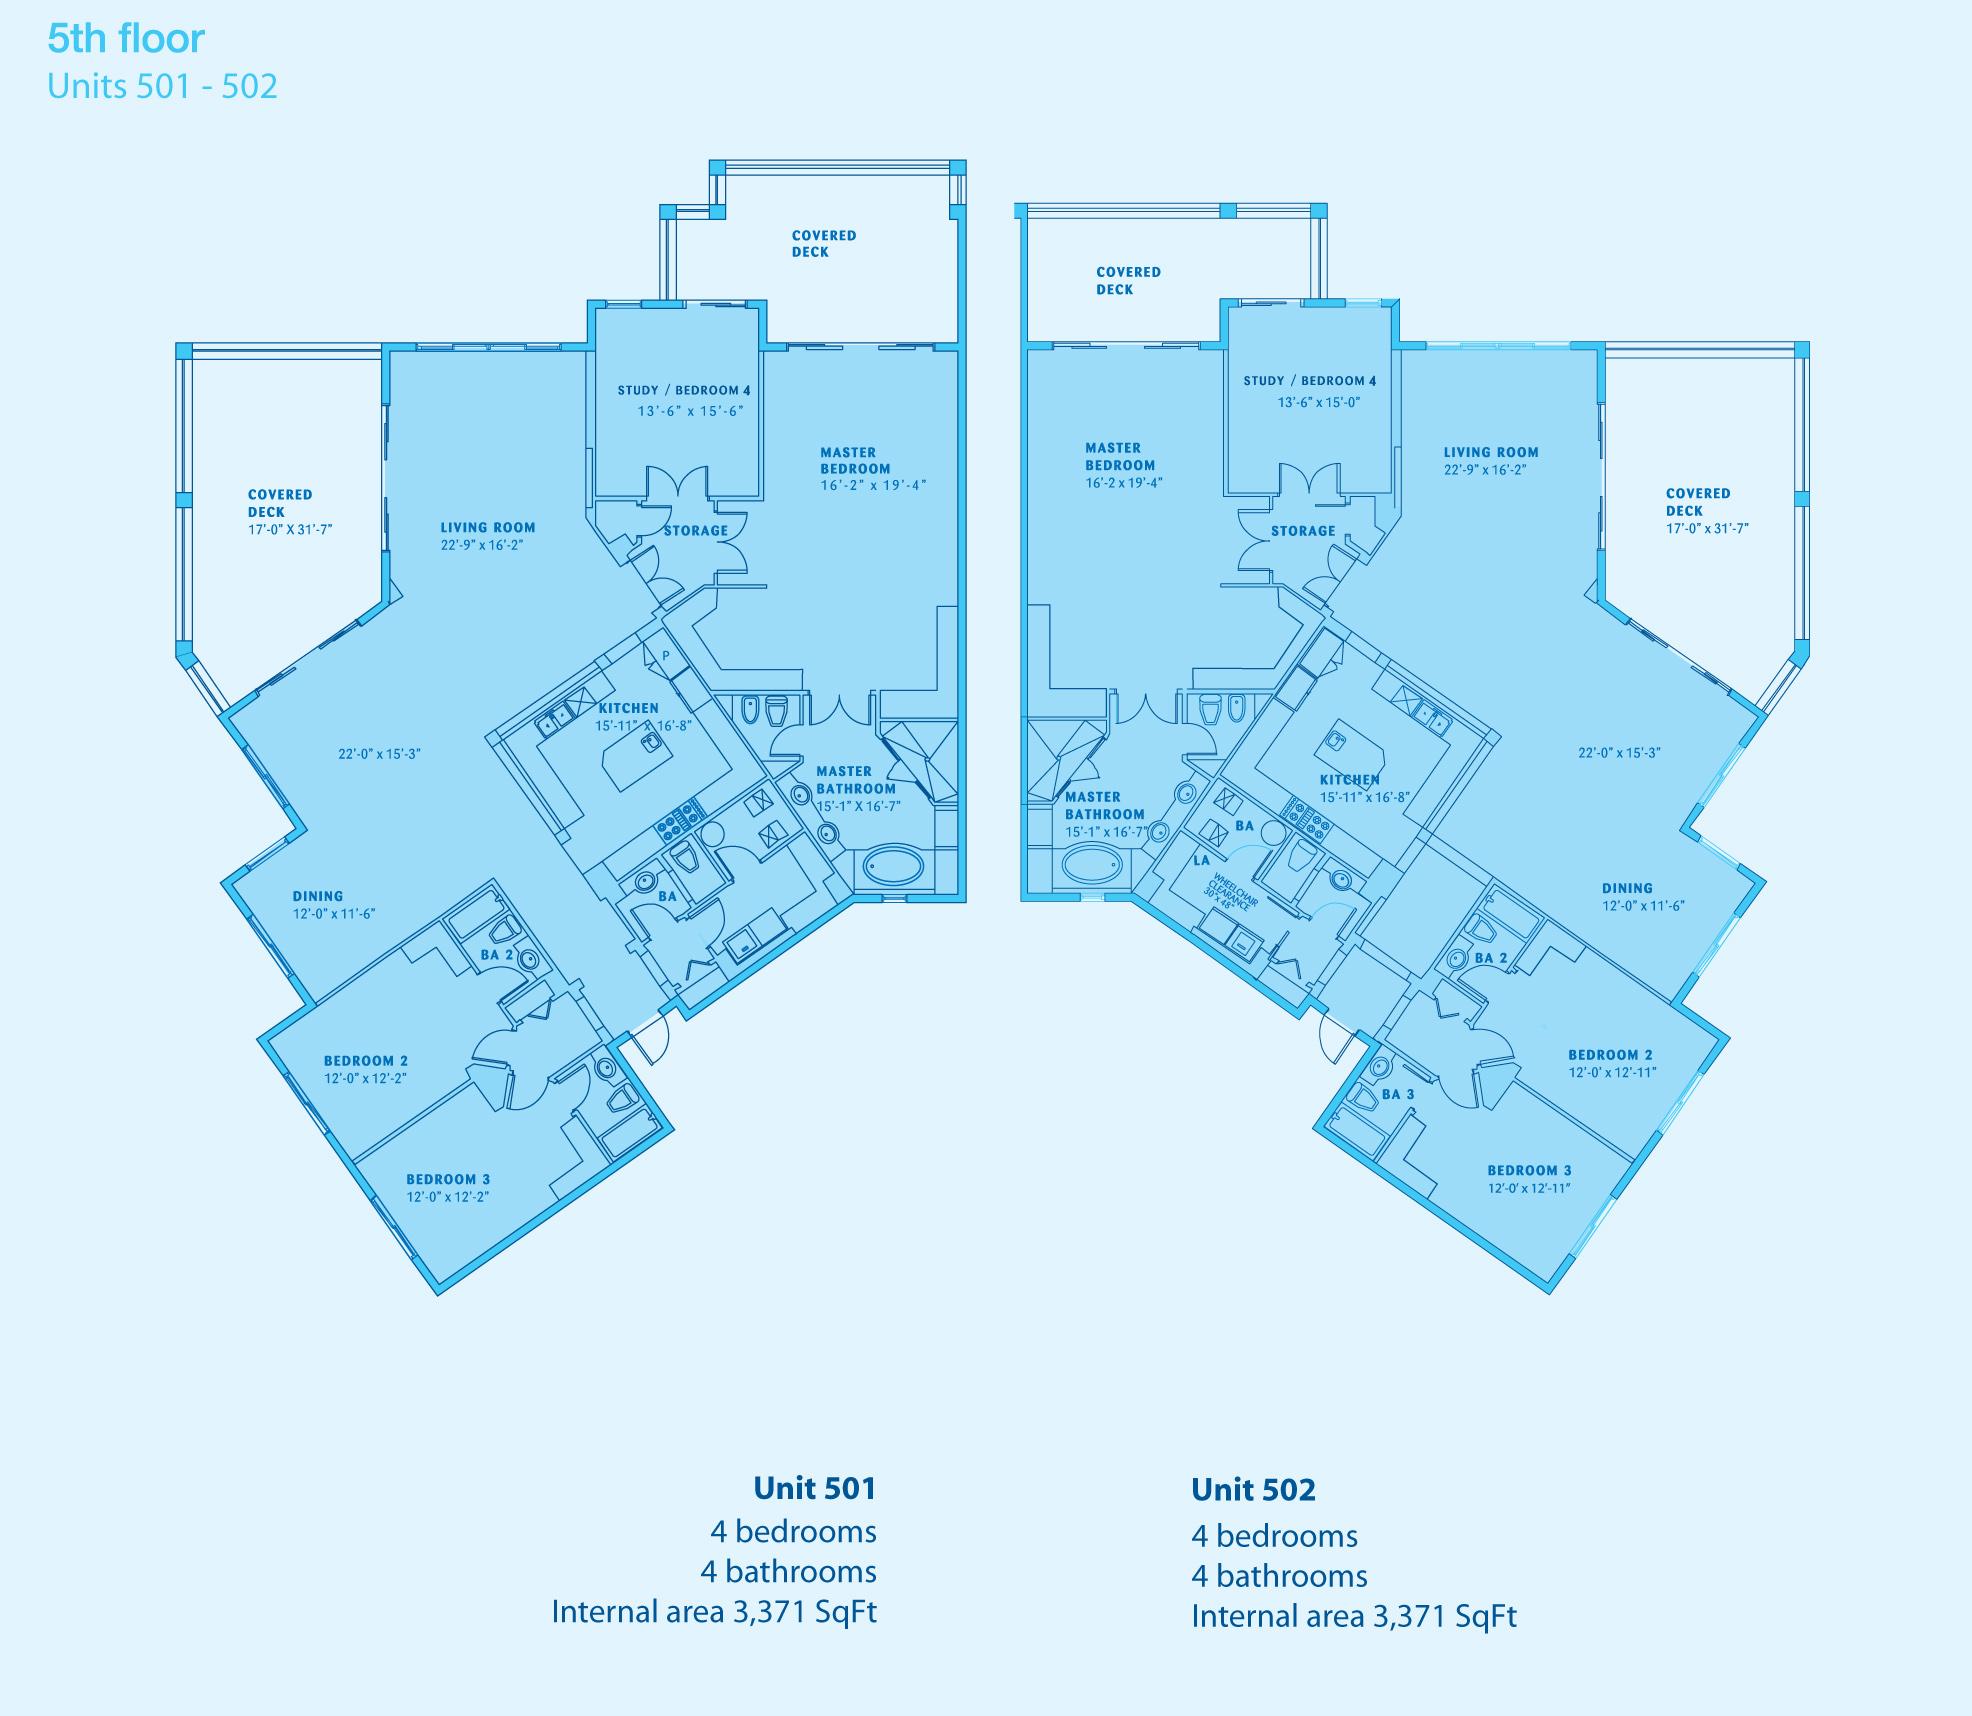 Suffolk_Court_4_bed_condo_plans.jpg